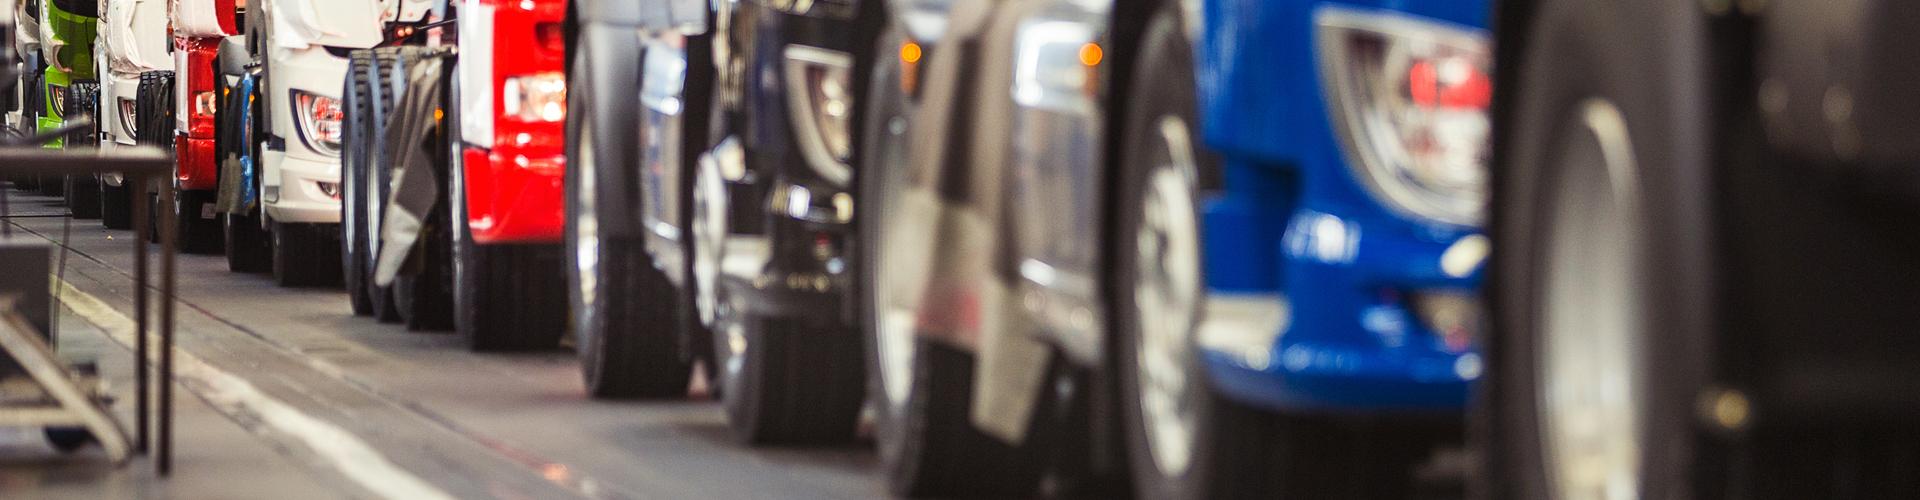 Zmowa cenowa będzie słono kosztować producentów ciężarówek. 10 tys. euro odszkodowania za ciągnik?